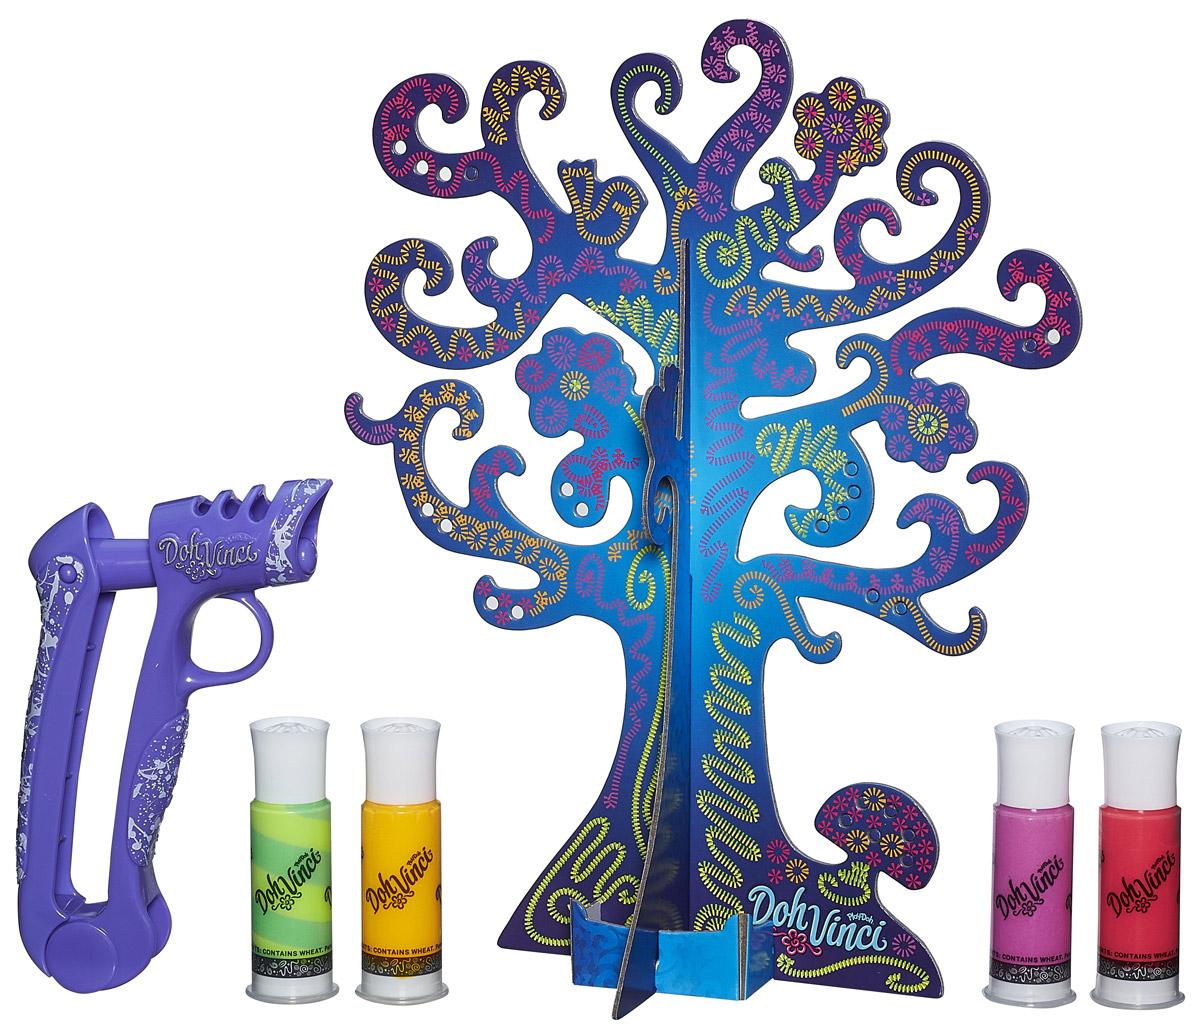 DohVinci Набор для творчества Дерево для драгоценностейB1719С набором для творчества DohVinchi Дерево для драгоценностей вы сможете продемонстрировать воображение и свои украшения в одном шедевре! В набор входит: дерево для украшений из 3 элементов, стайлер, 4 картриджа и буклет. Украсьте это дерево украшений выразительными объемными дизайнами при помощи стайлера и цветных картриджей. Вы также можете добавить яркости с помощью смешанного цвета! Когда вы завершите свой шедевр, вы сможете хранить на нем серьги, помещая их в специальные отверстия, а также браслеты или колье, развешивая их на ветках. Творчество еще никогда не было таким модным! Необходимо осторожное обращение с готовым изделием. Затвердевает через некоторое время, но прочность зависит от толщины слоя нанесенной массы и факторов окружающей среды, в том числе, влажности.